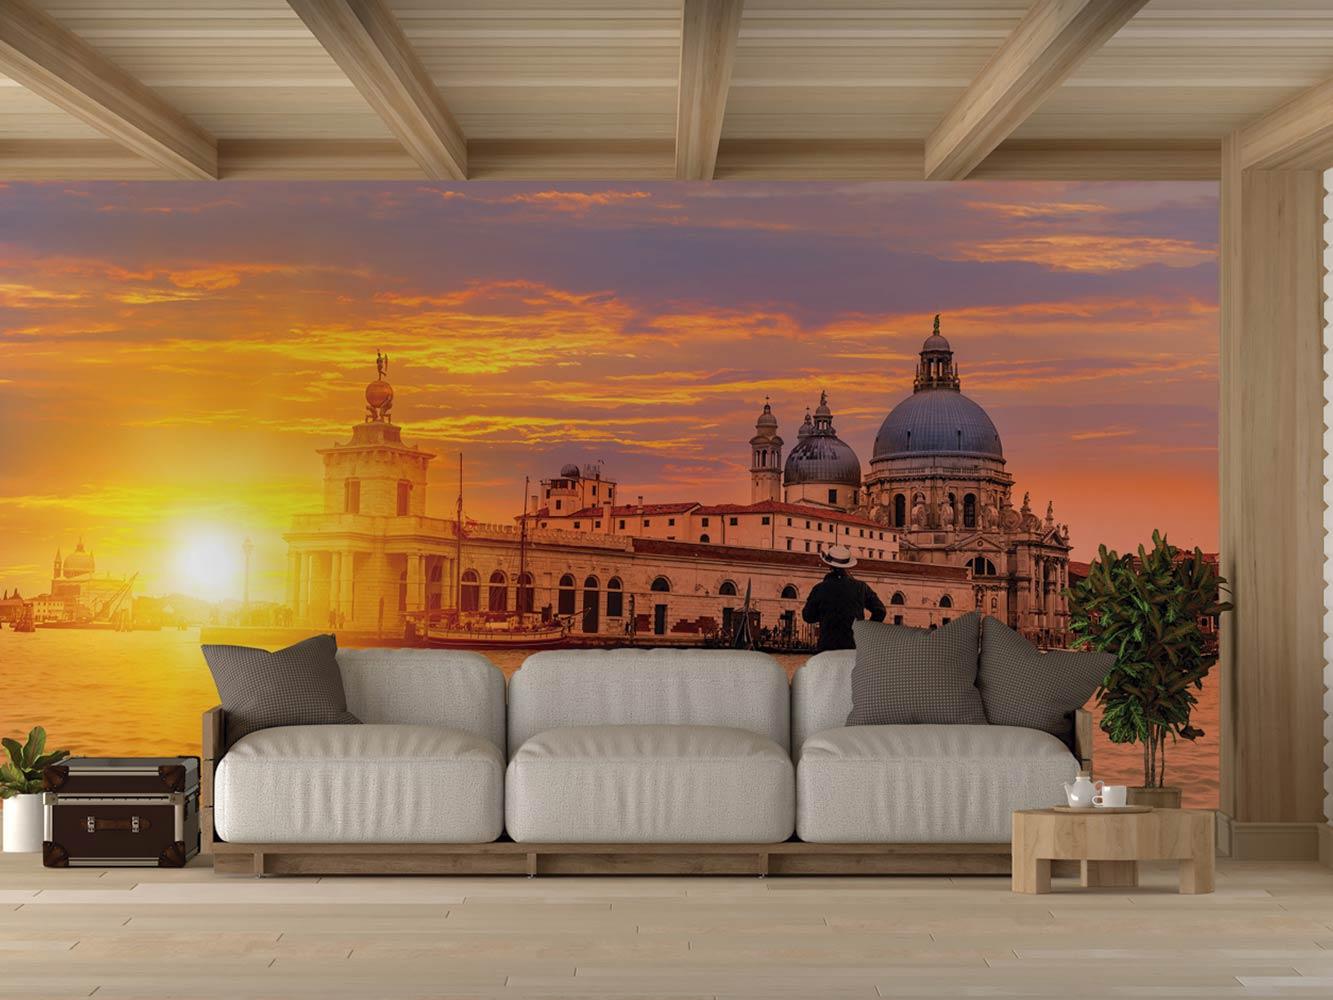 Fotomural Vinilo Canal de Venecia Atardecer | Carteles XXL - Impresión carteleria publicitaria